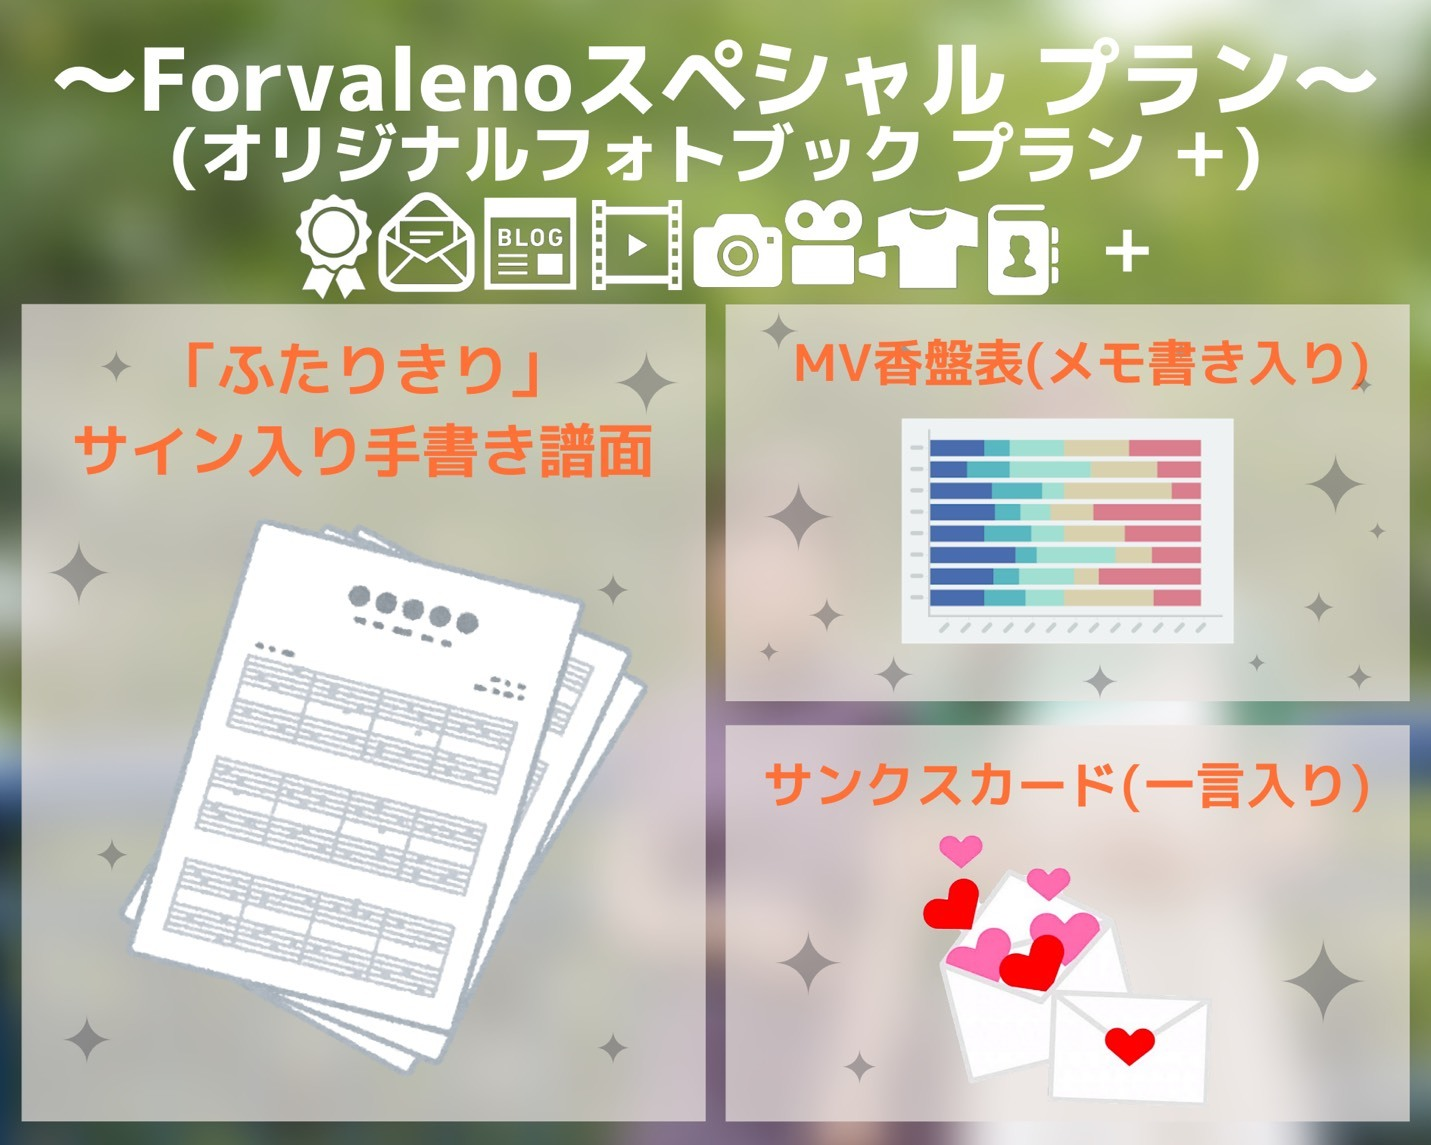 <Forvalenoスペシャル プラン>